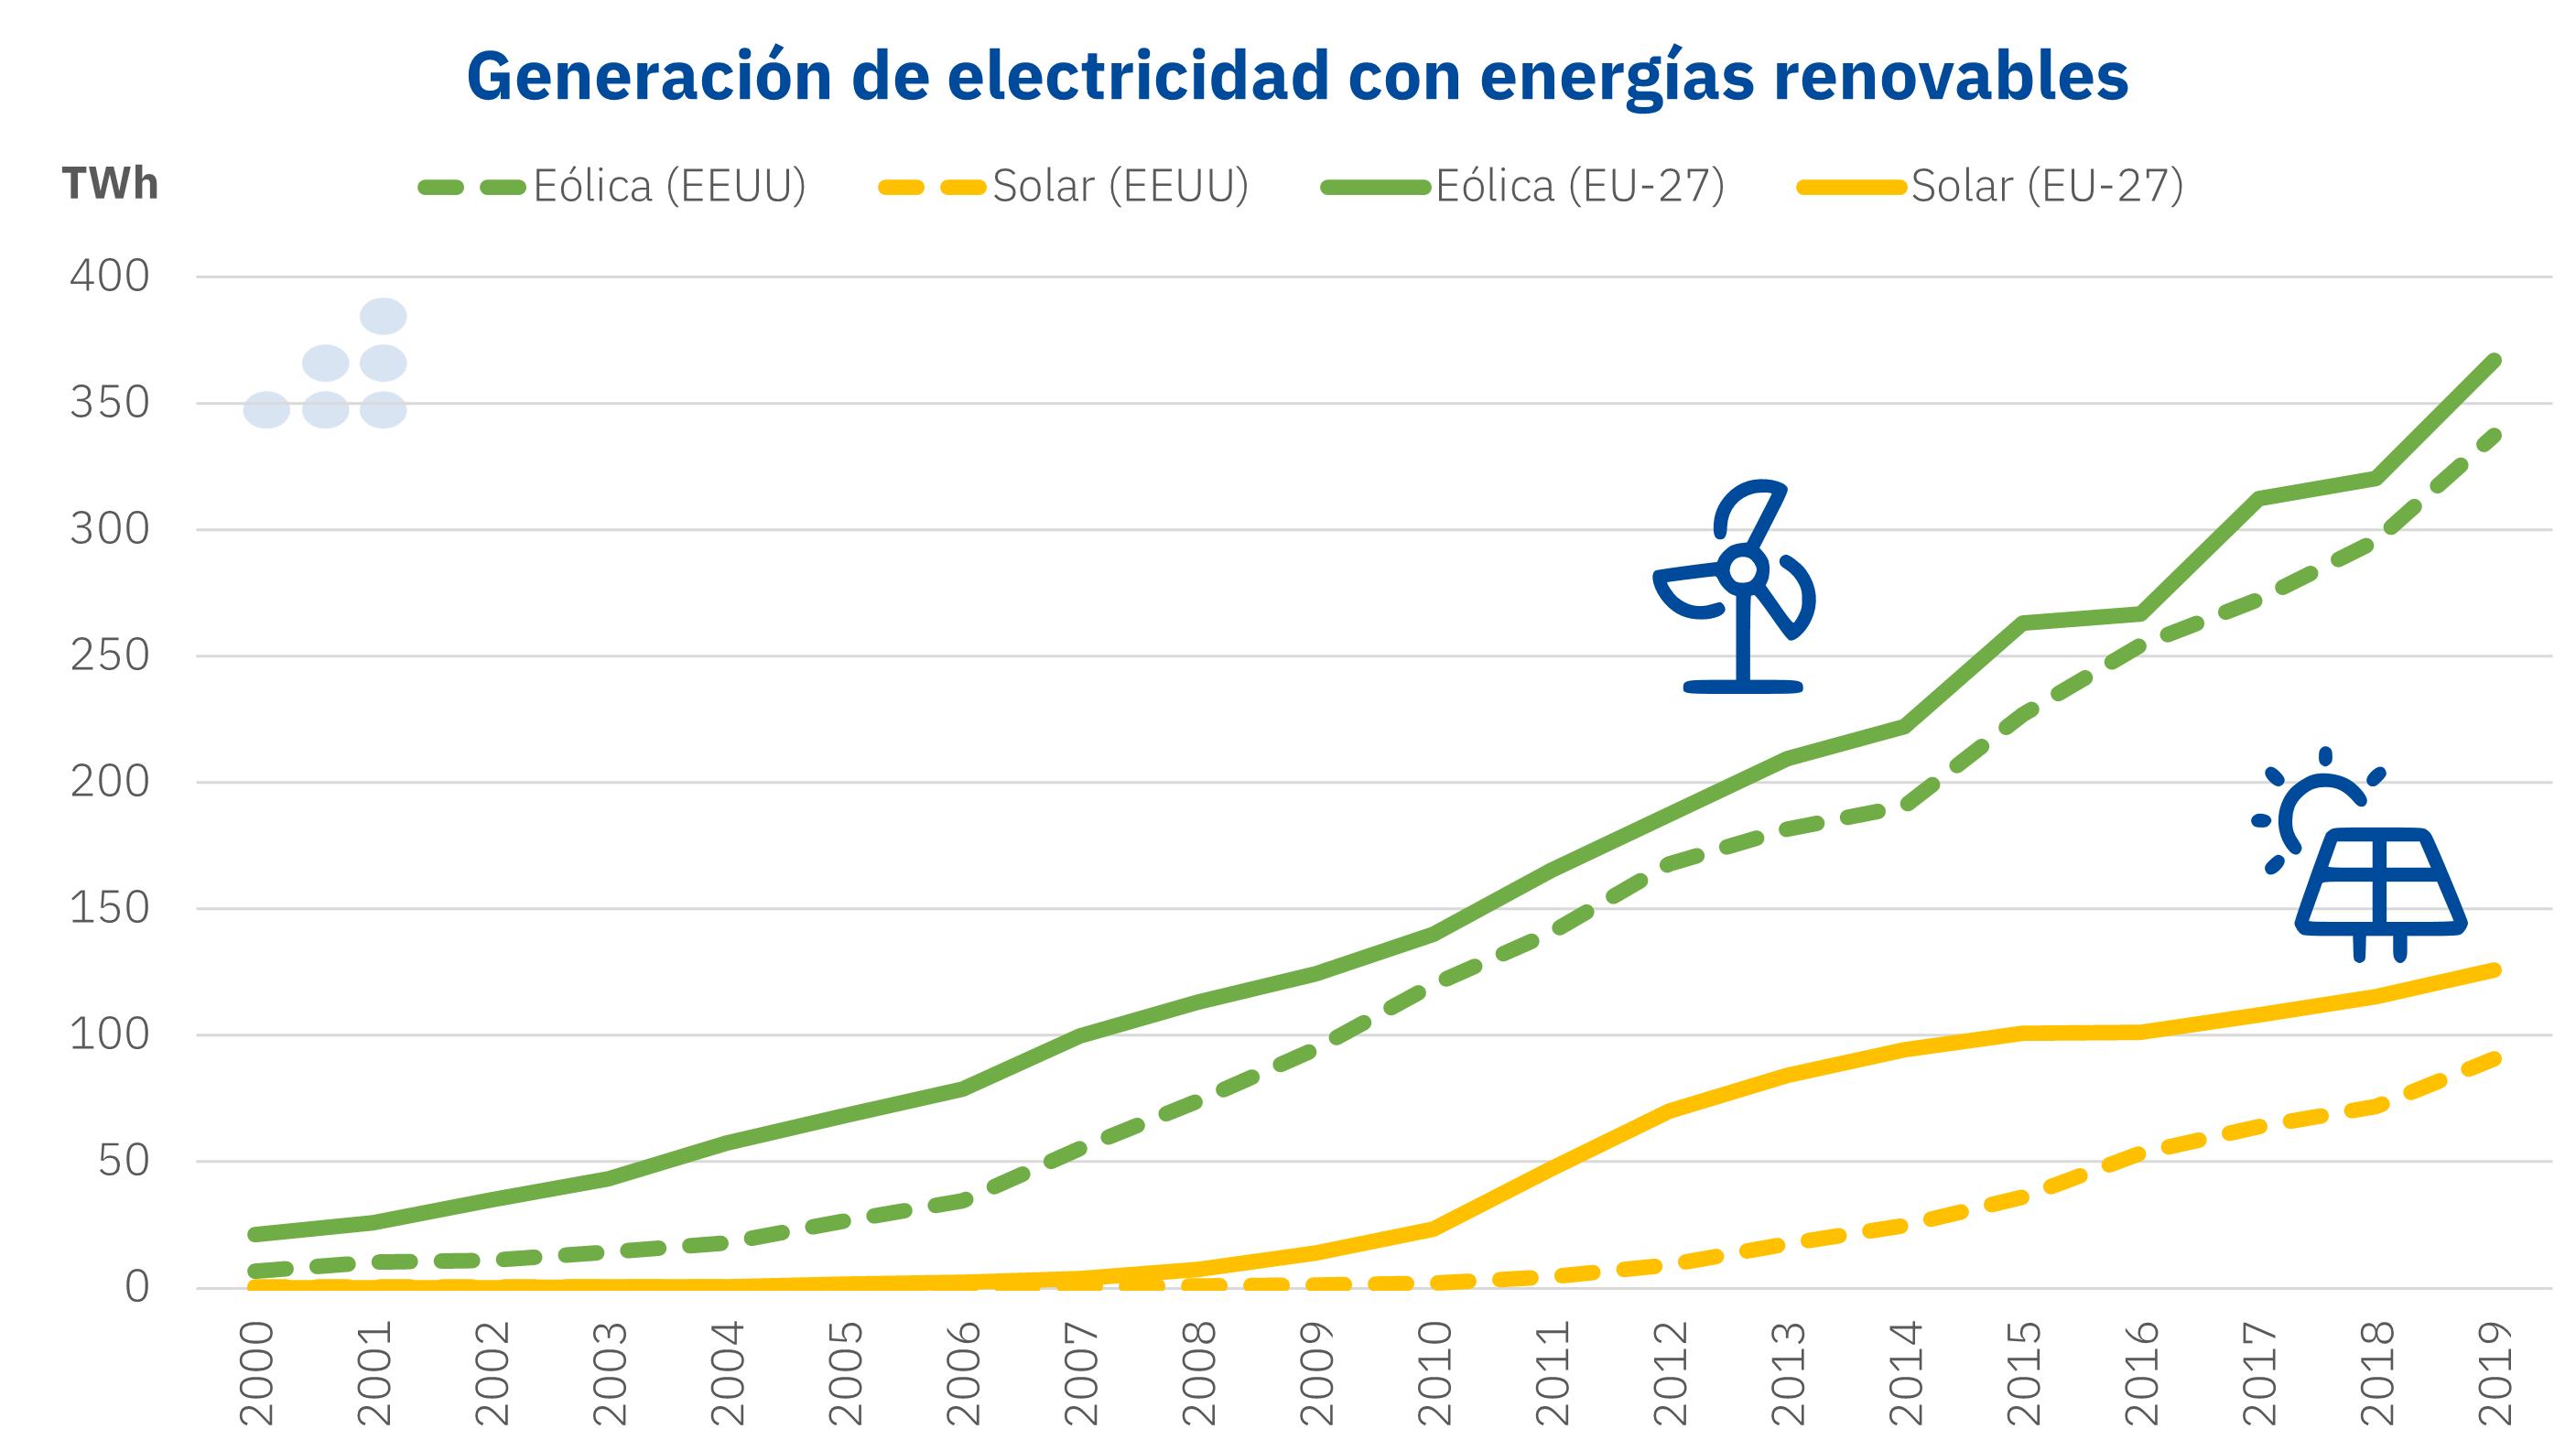 AleaSoft - Generacion electricidad energias renovables eolica solar